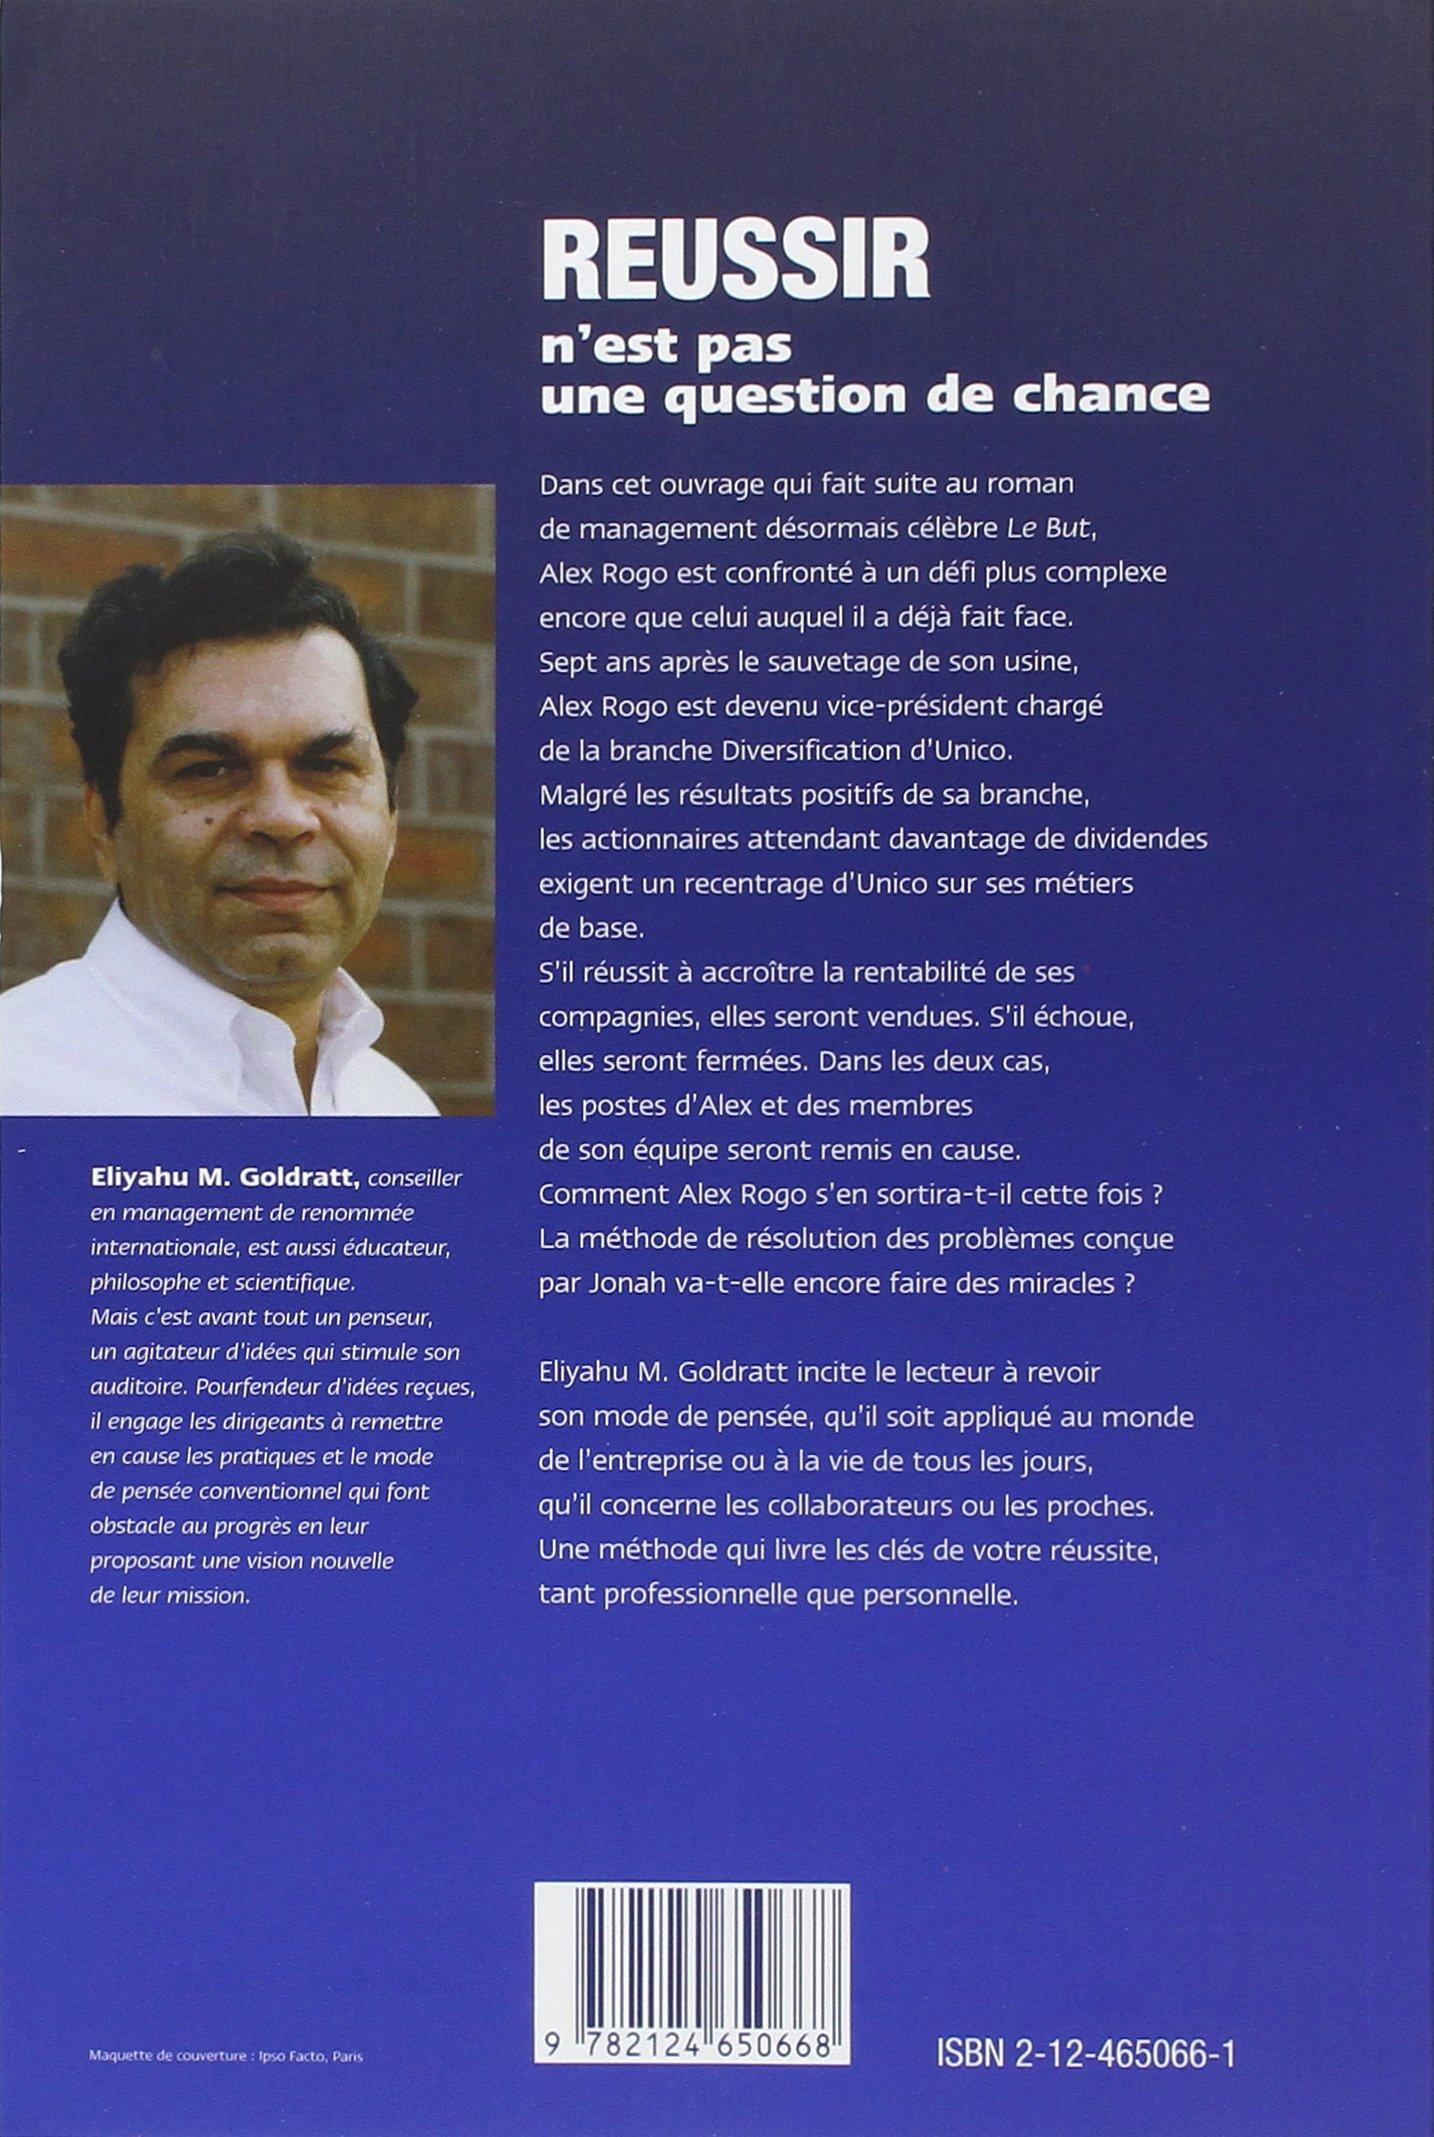 R�ussir N'est Pas Une Question De Chance: Eliyahu M Goldratt:  9782124650668: Amazon: Books